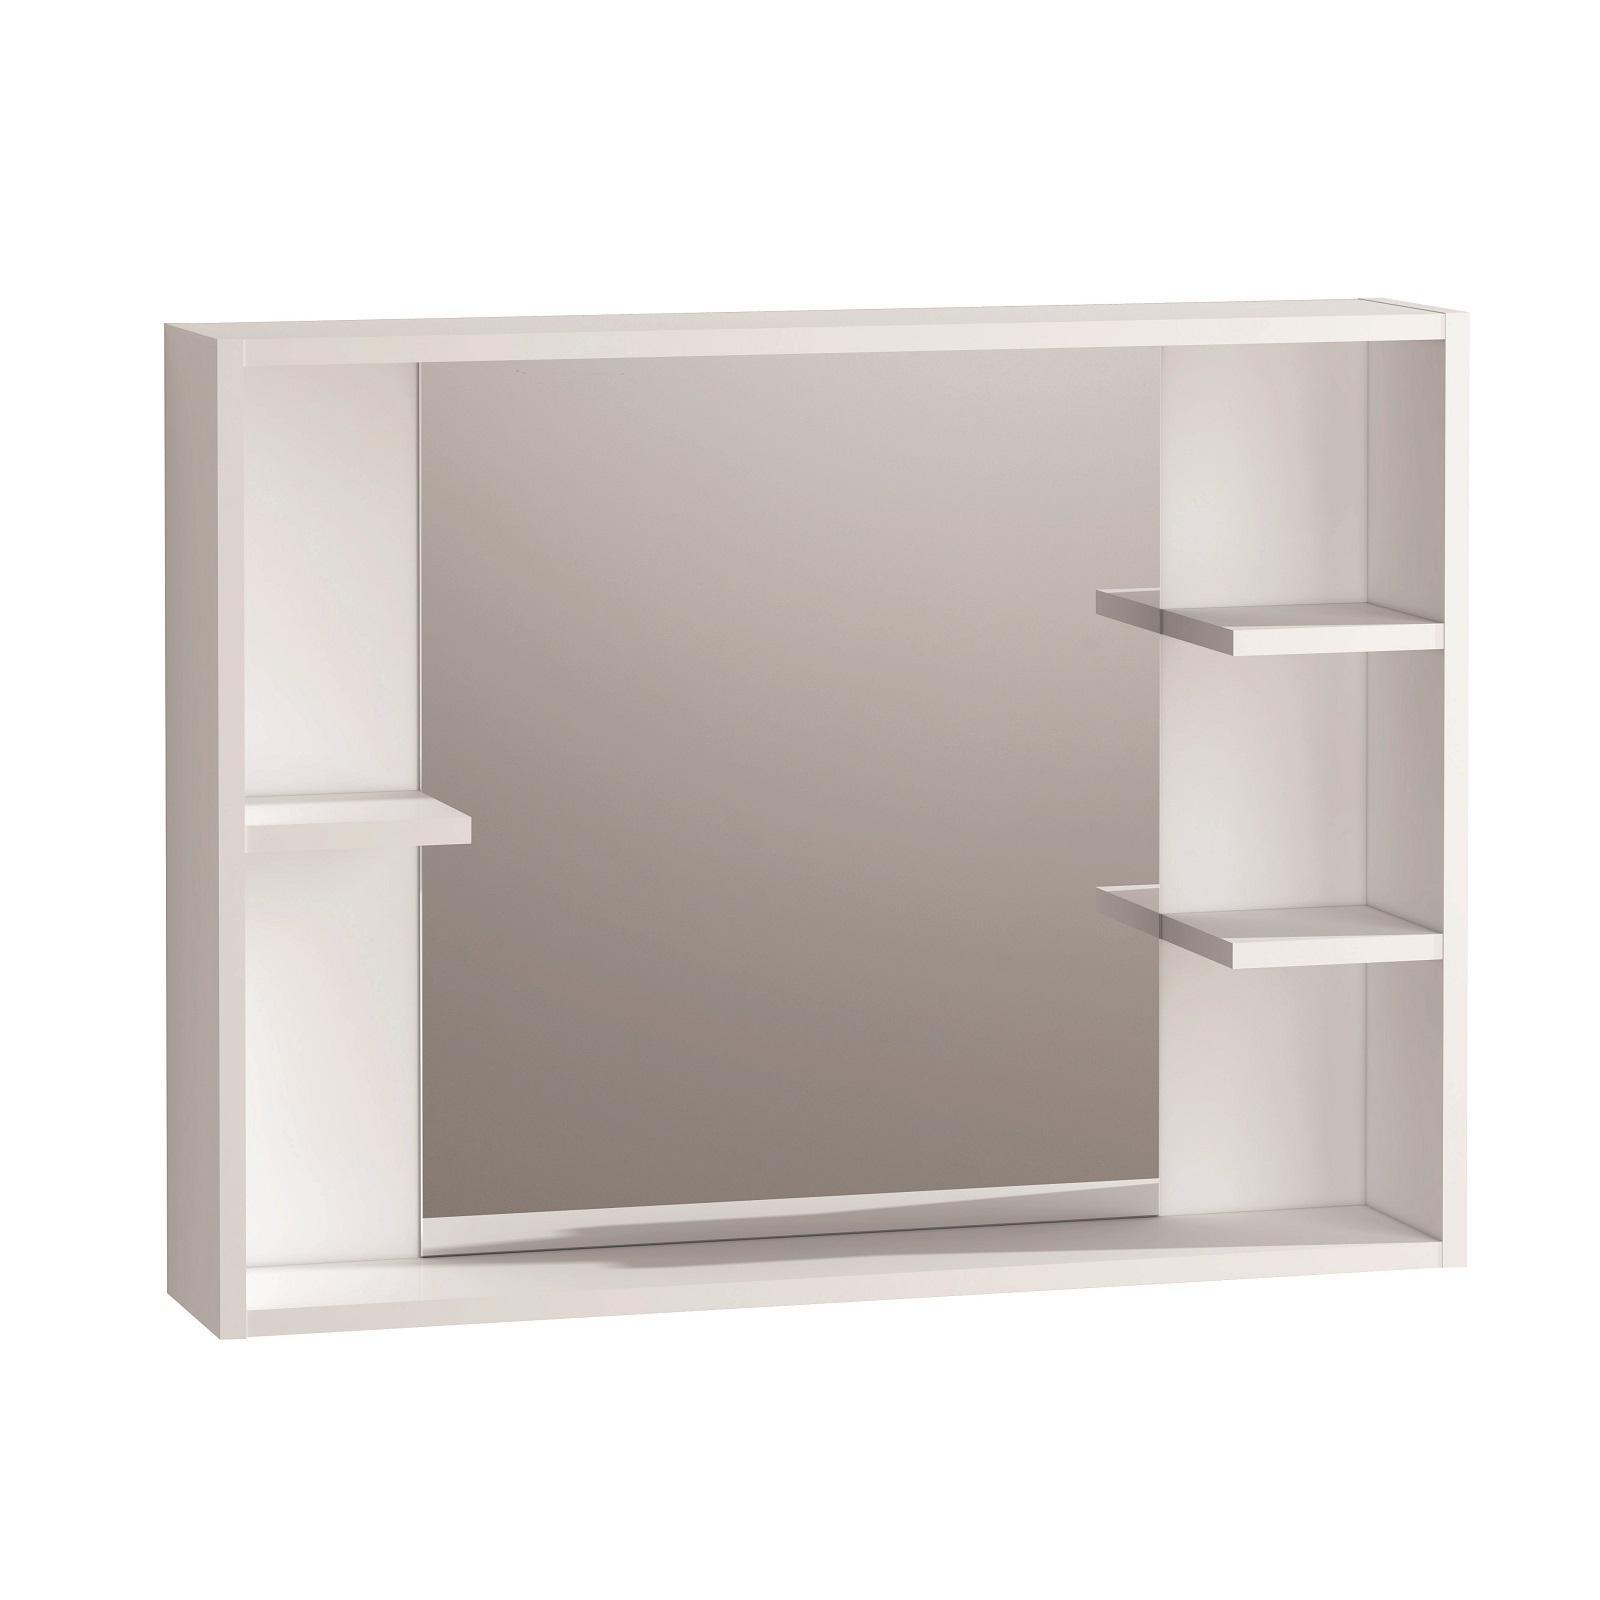 Specchi Per Il Bagno Soprattutto Minimali Di Tutte Le Forme Cose